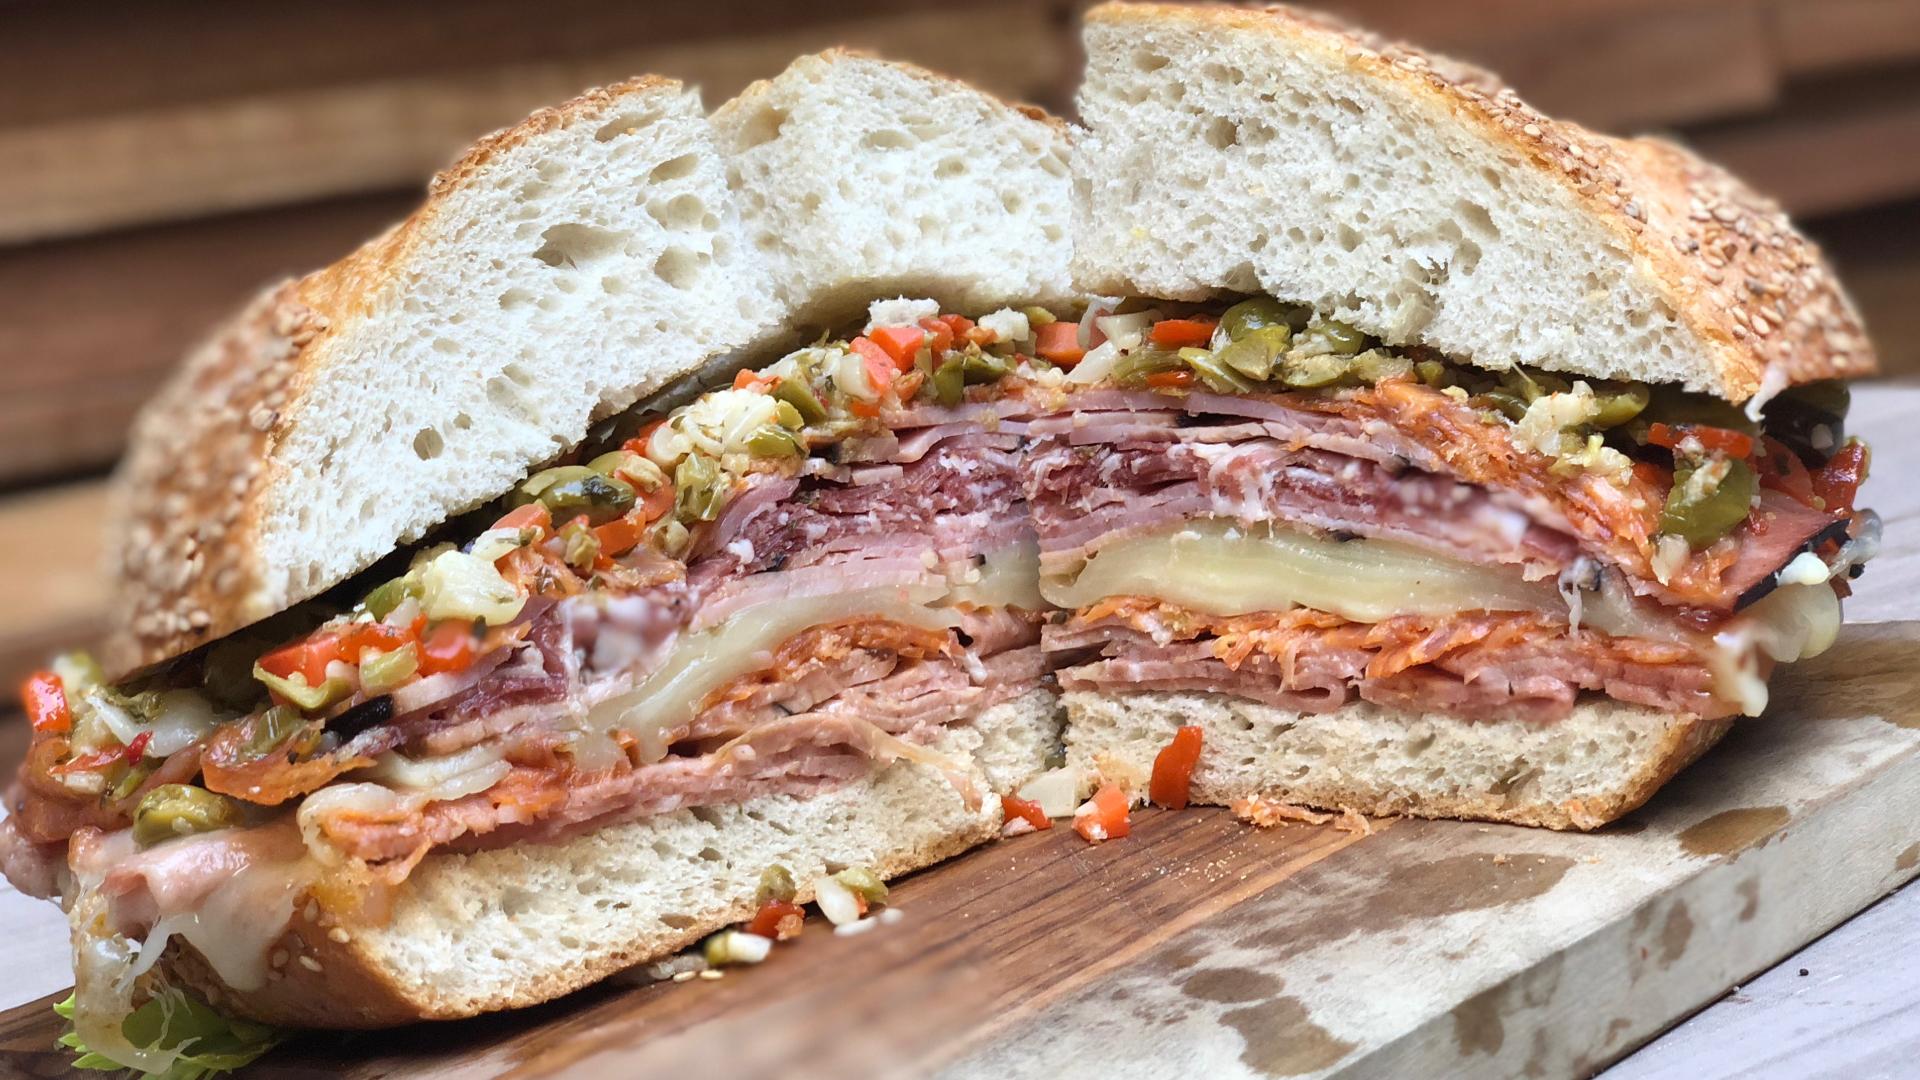 A muffuletta sandwich cut in half on a cutting board